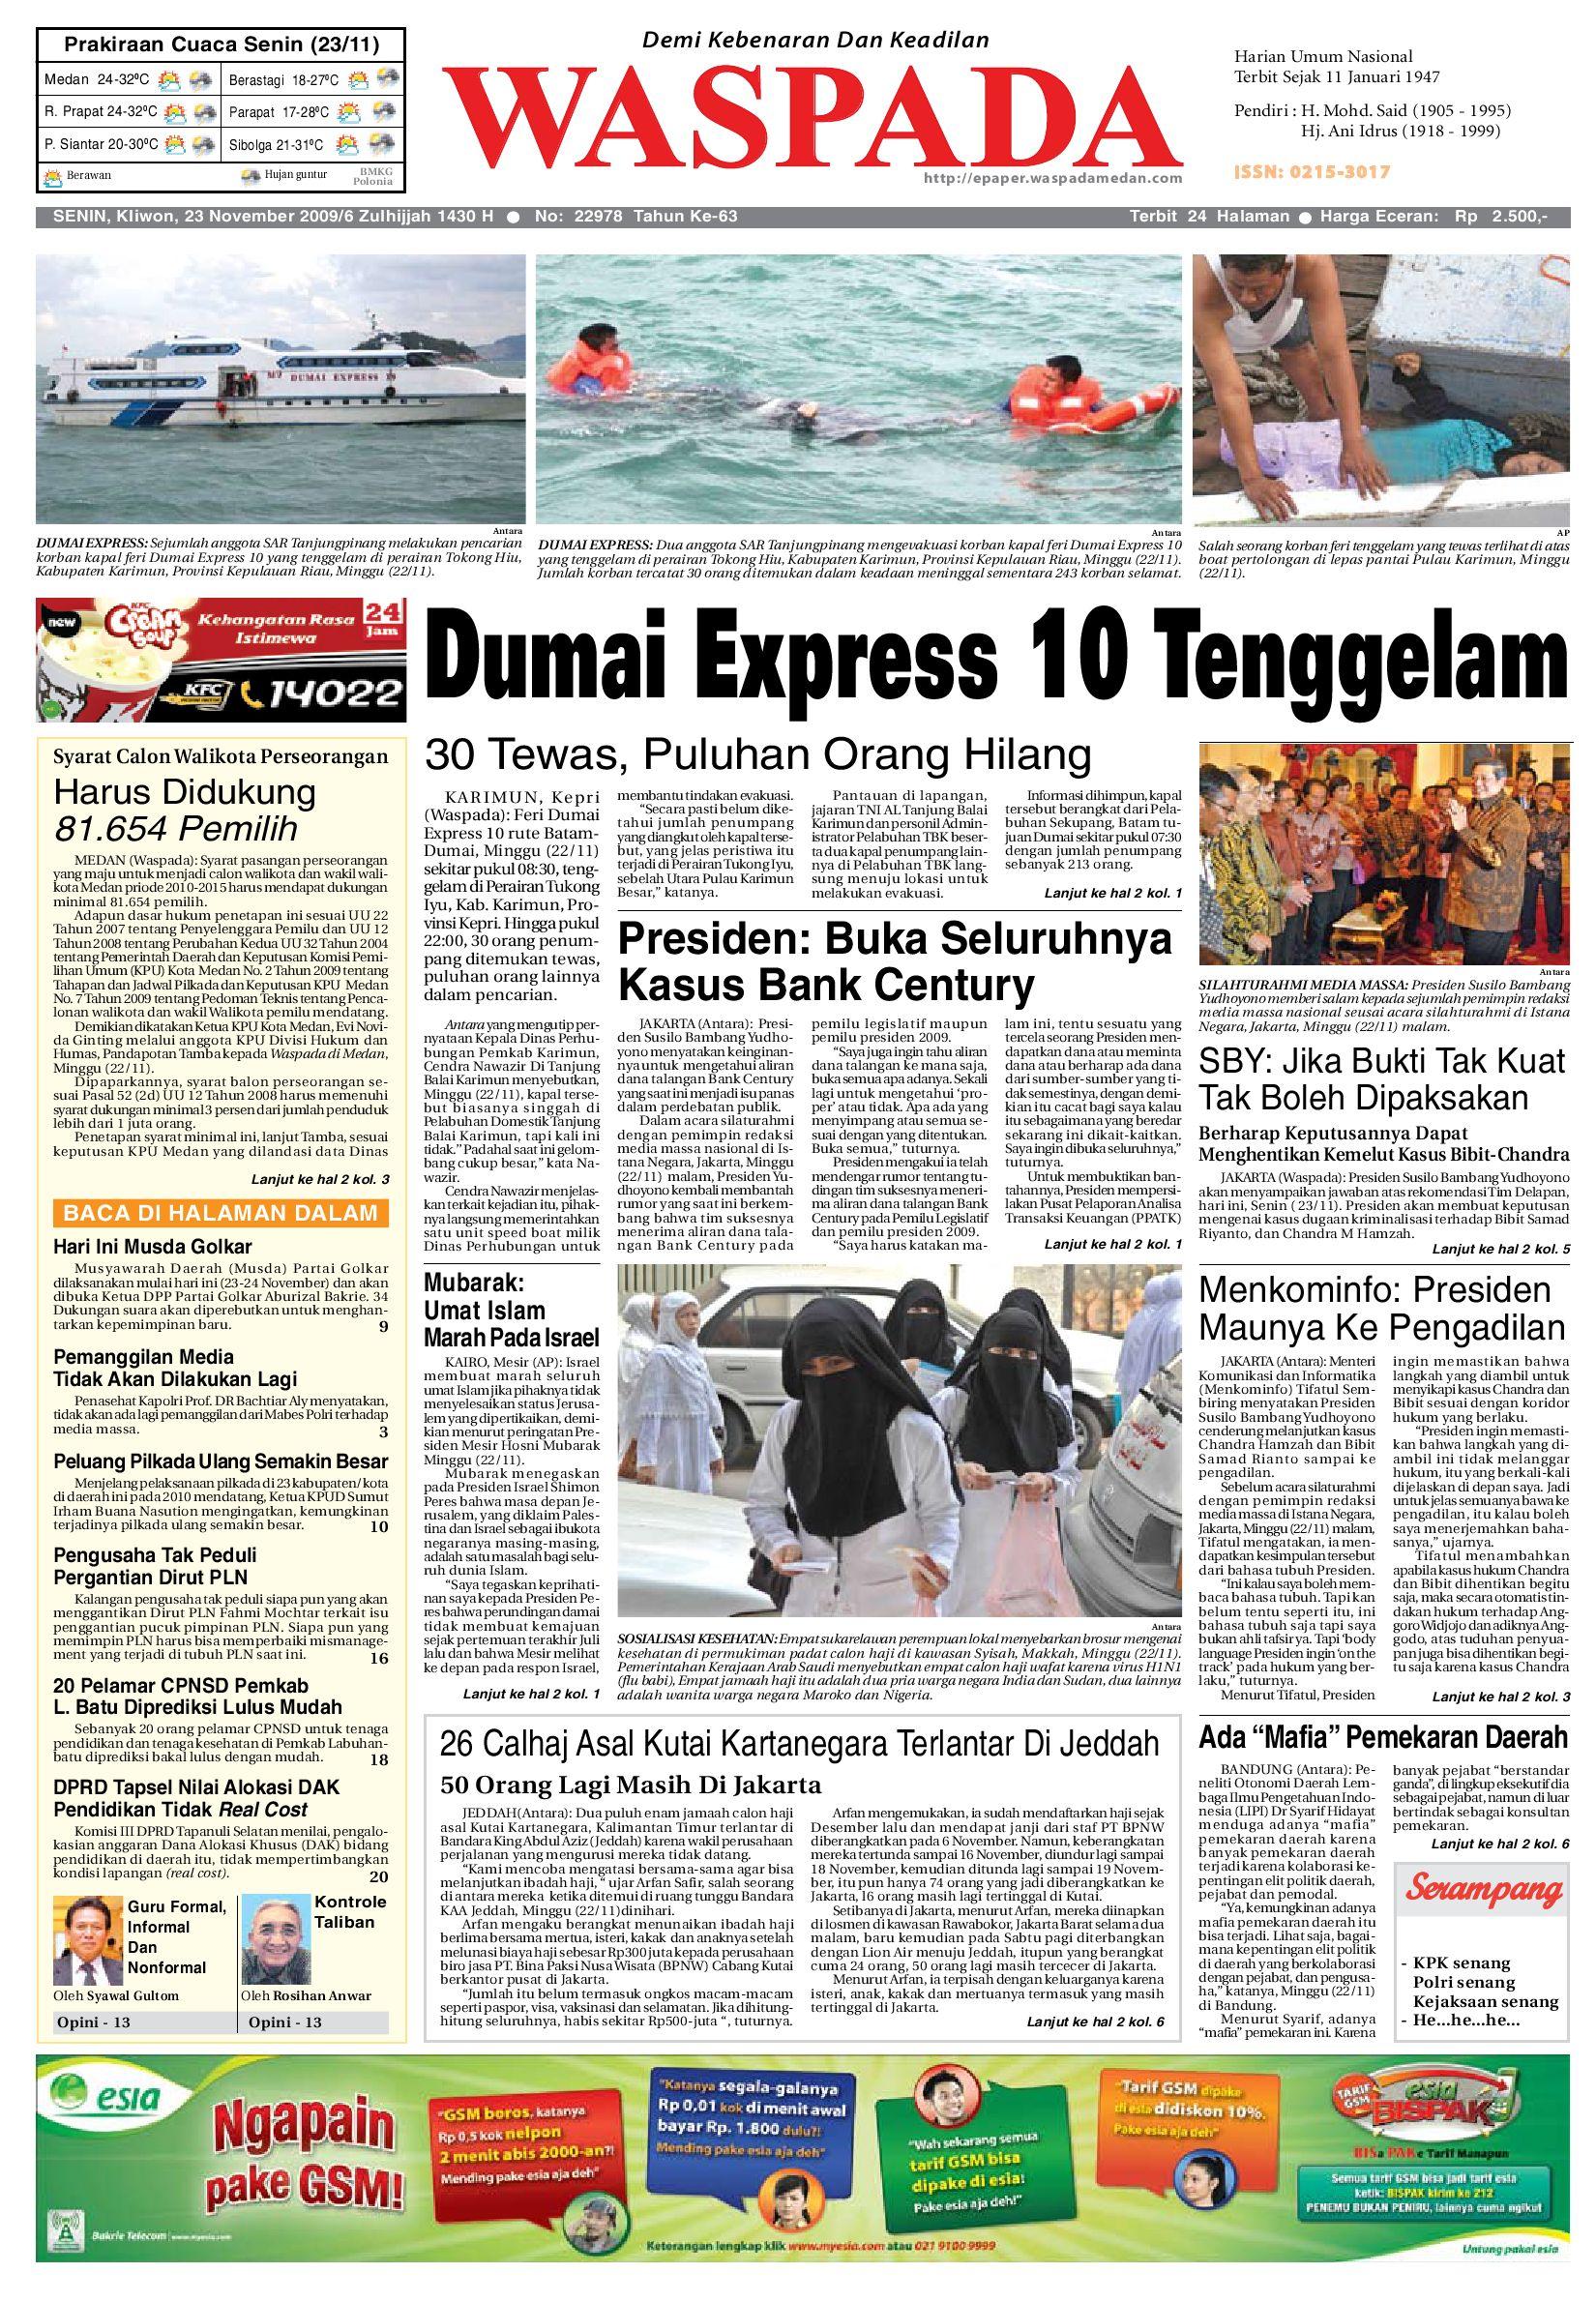 Waspada Senin 23 November 2009 By Harian Issuu Jam Tangan Qampampq A170 Original Bergaransi